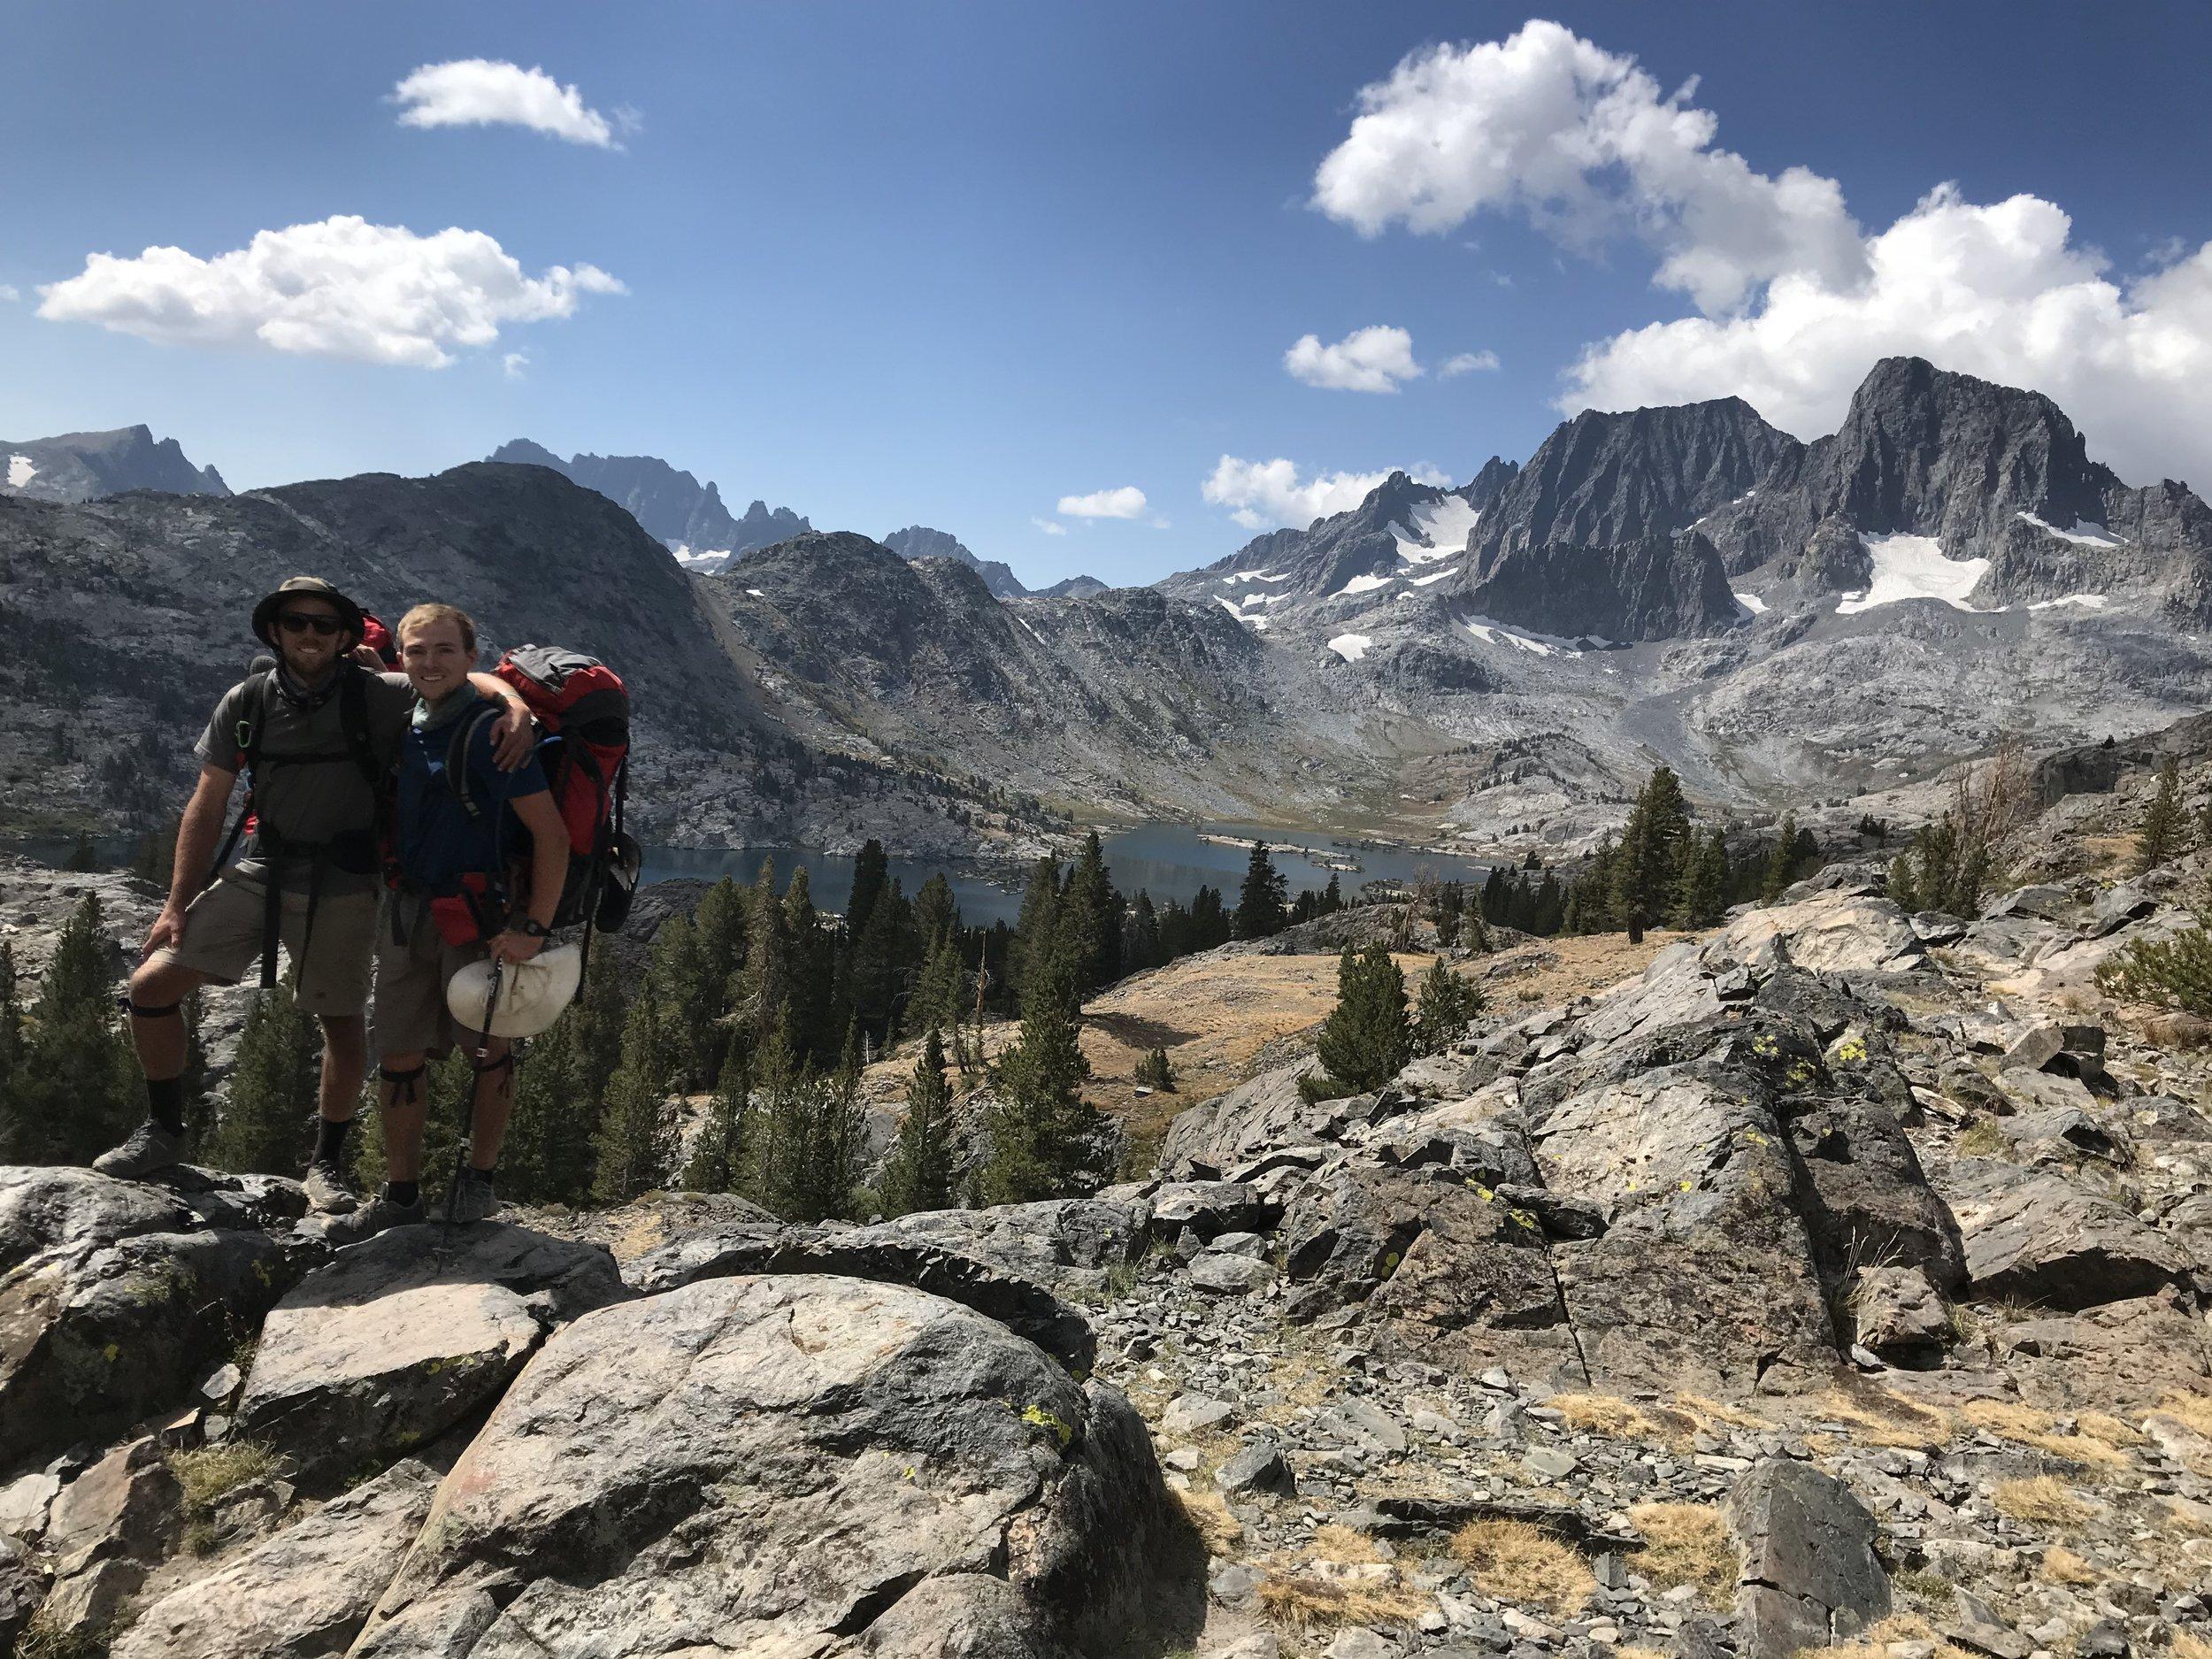 Just a coupla mountain boys.